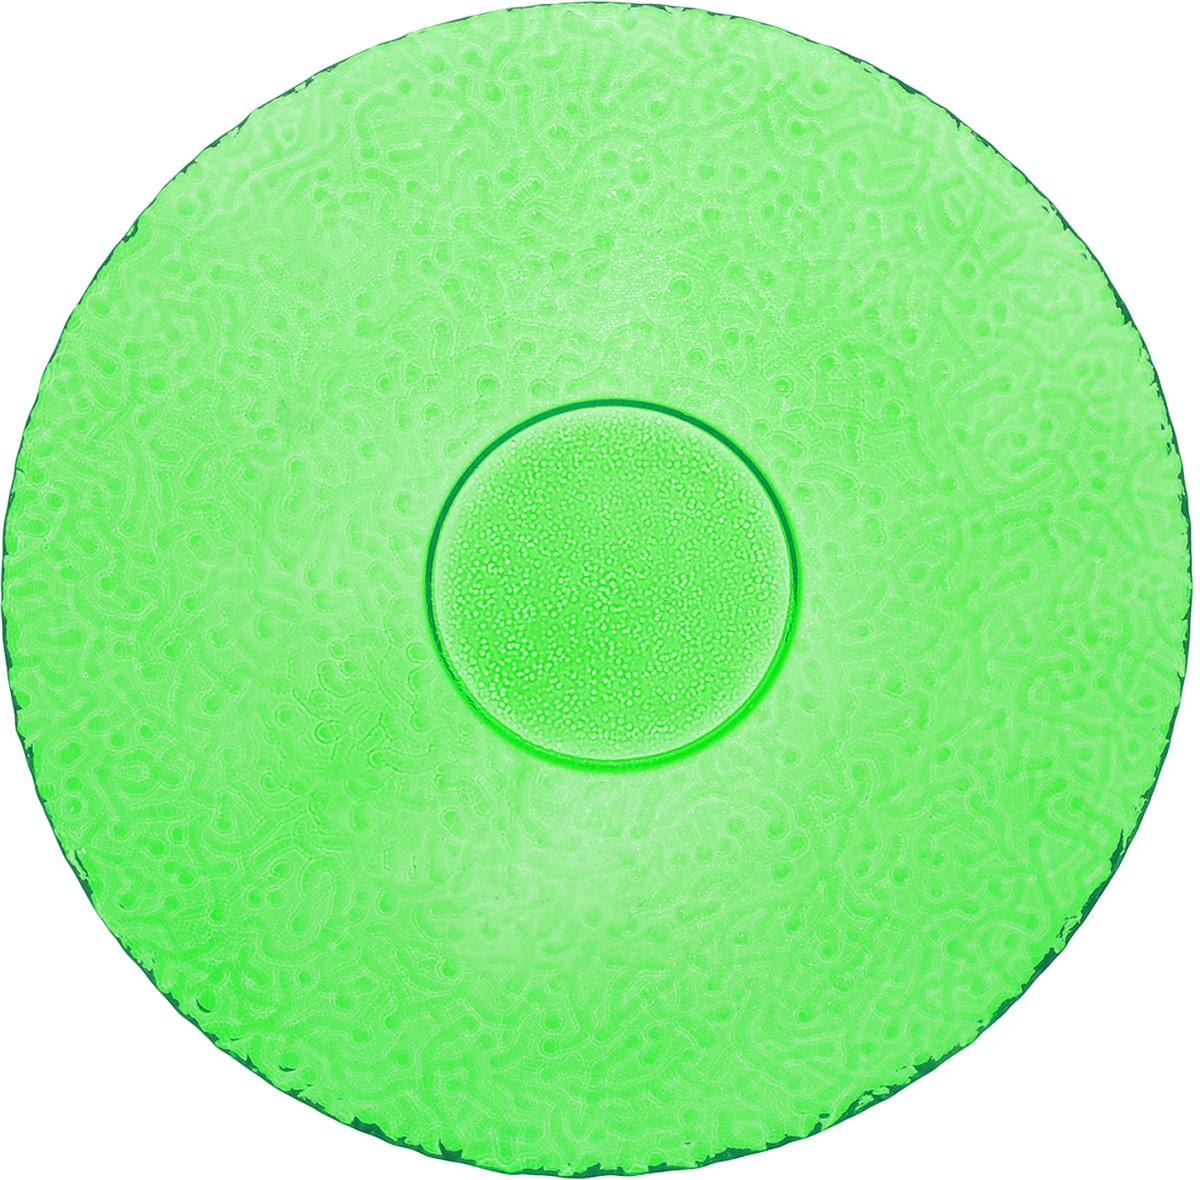 Тарелка NiNaGlass Ажур, цвет: зеленый, диаметр 21 см115510Тарелка NiNaGlass Ажур выполнена из высококачественного стекла и имеет рельефную поверхность. Она прекрасно впишется в интерьер вашей кухни и станет достойным дополнением к кухонному инвентарю. Тарелка NiNaGlass Ажур подчеркнет прекрасный вкус хозяйки и станет отличным подарком. Диаметр тарелки: 21 см. Высота: 2,5 см.